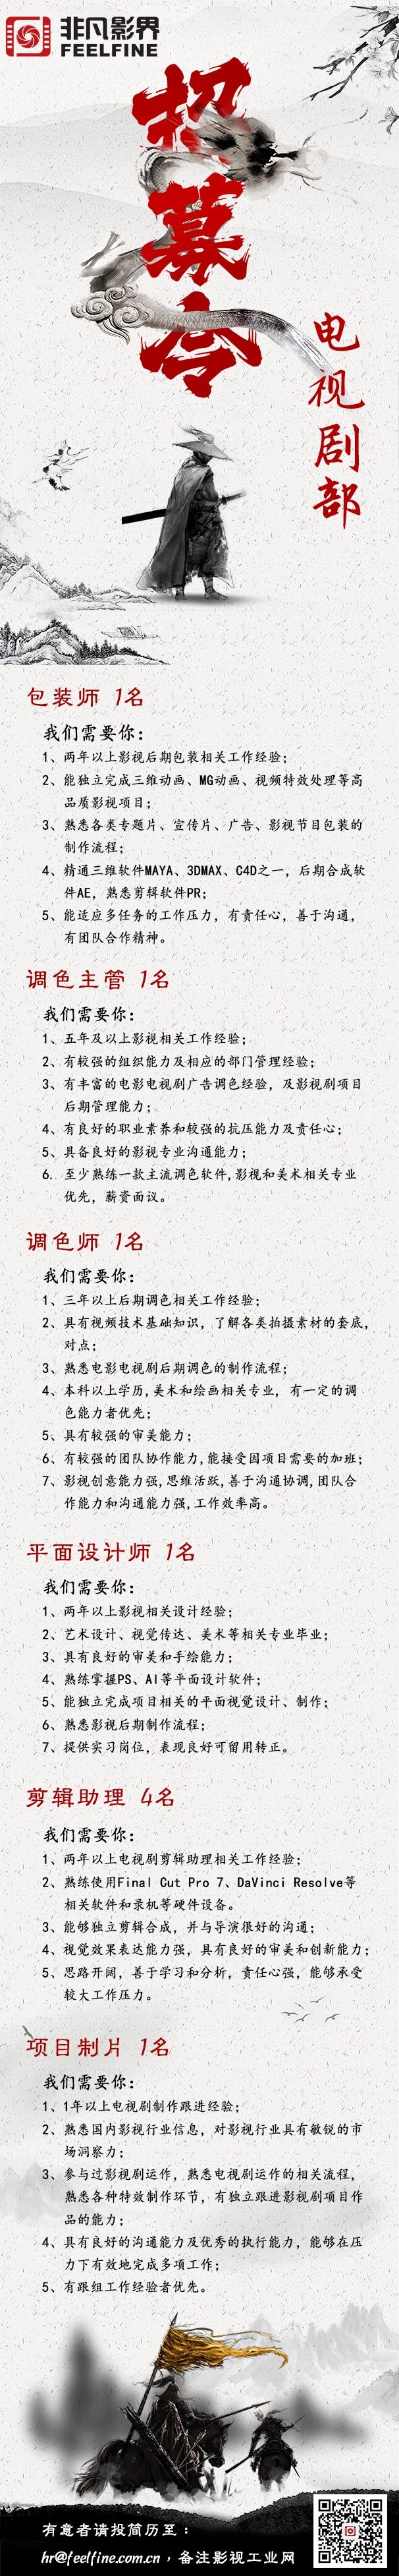 非凡传媒——电视剧部门,最新招聘信息